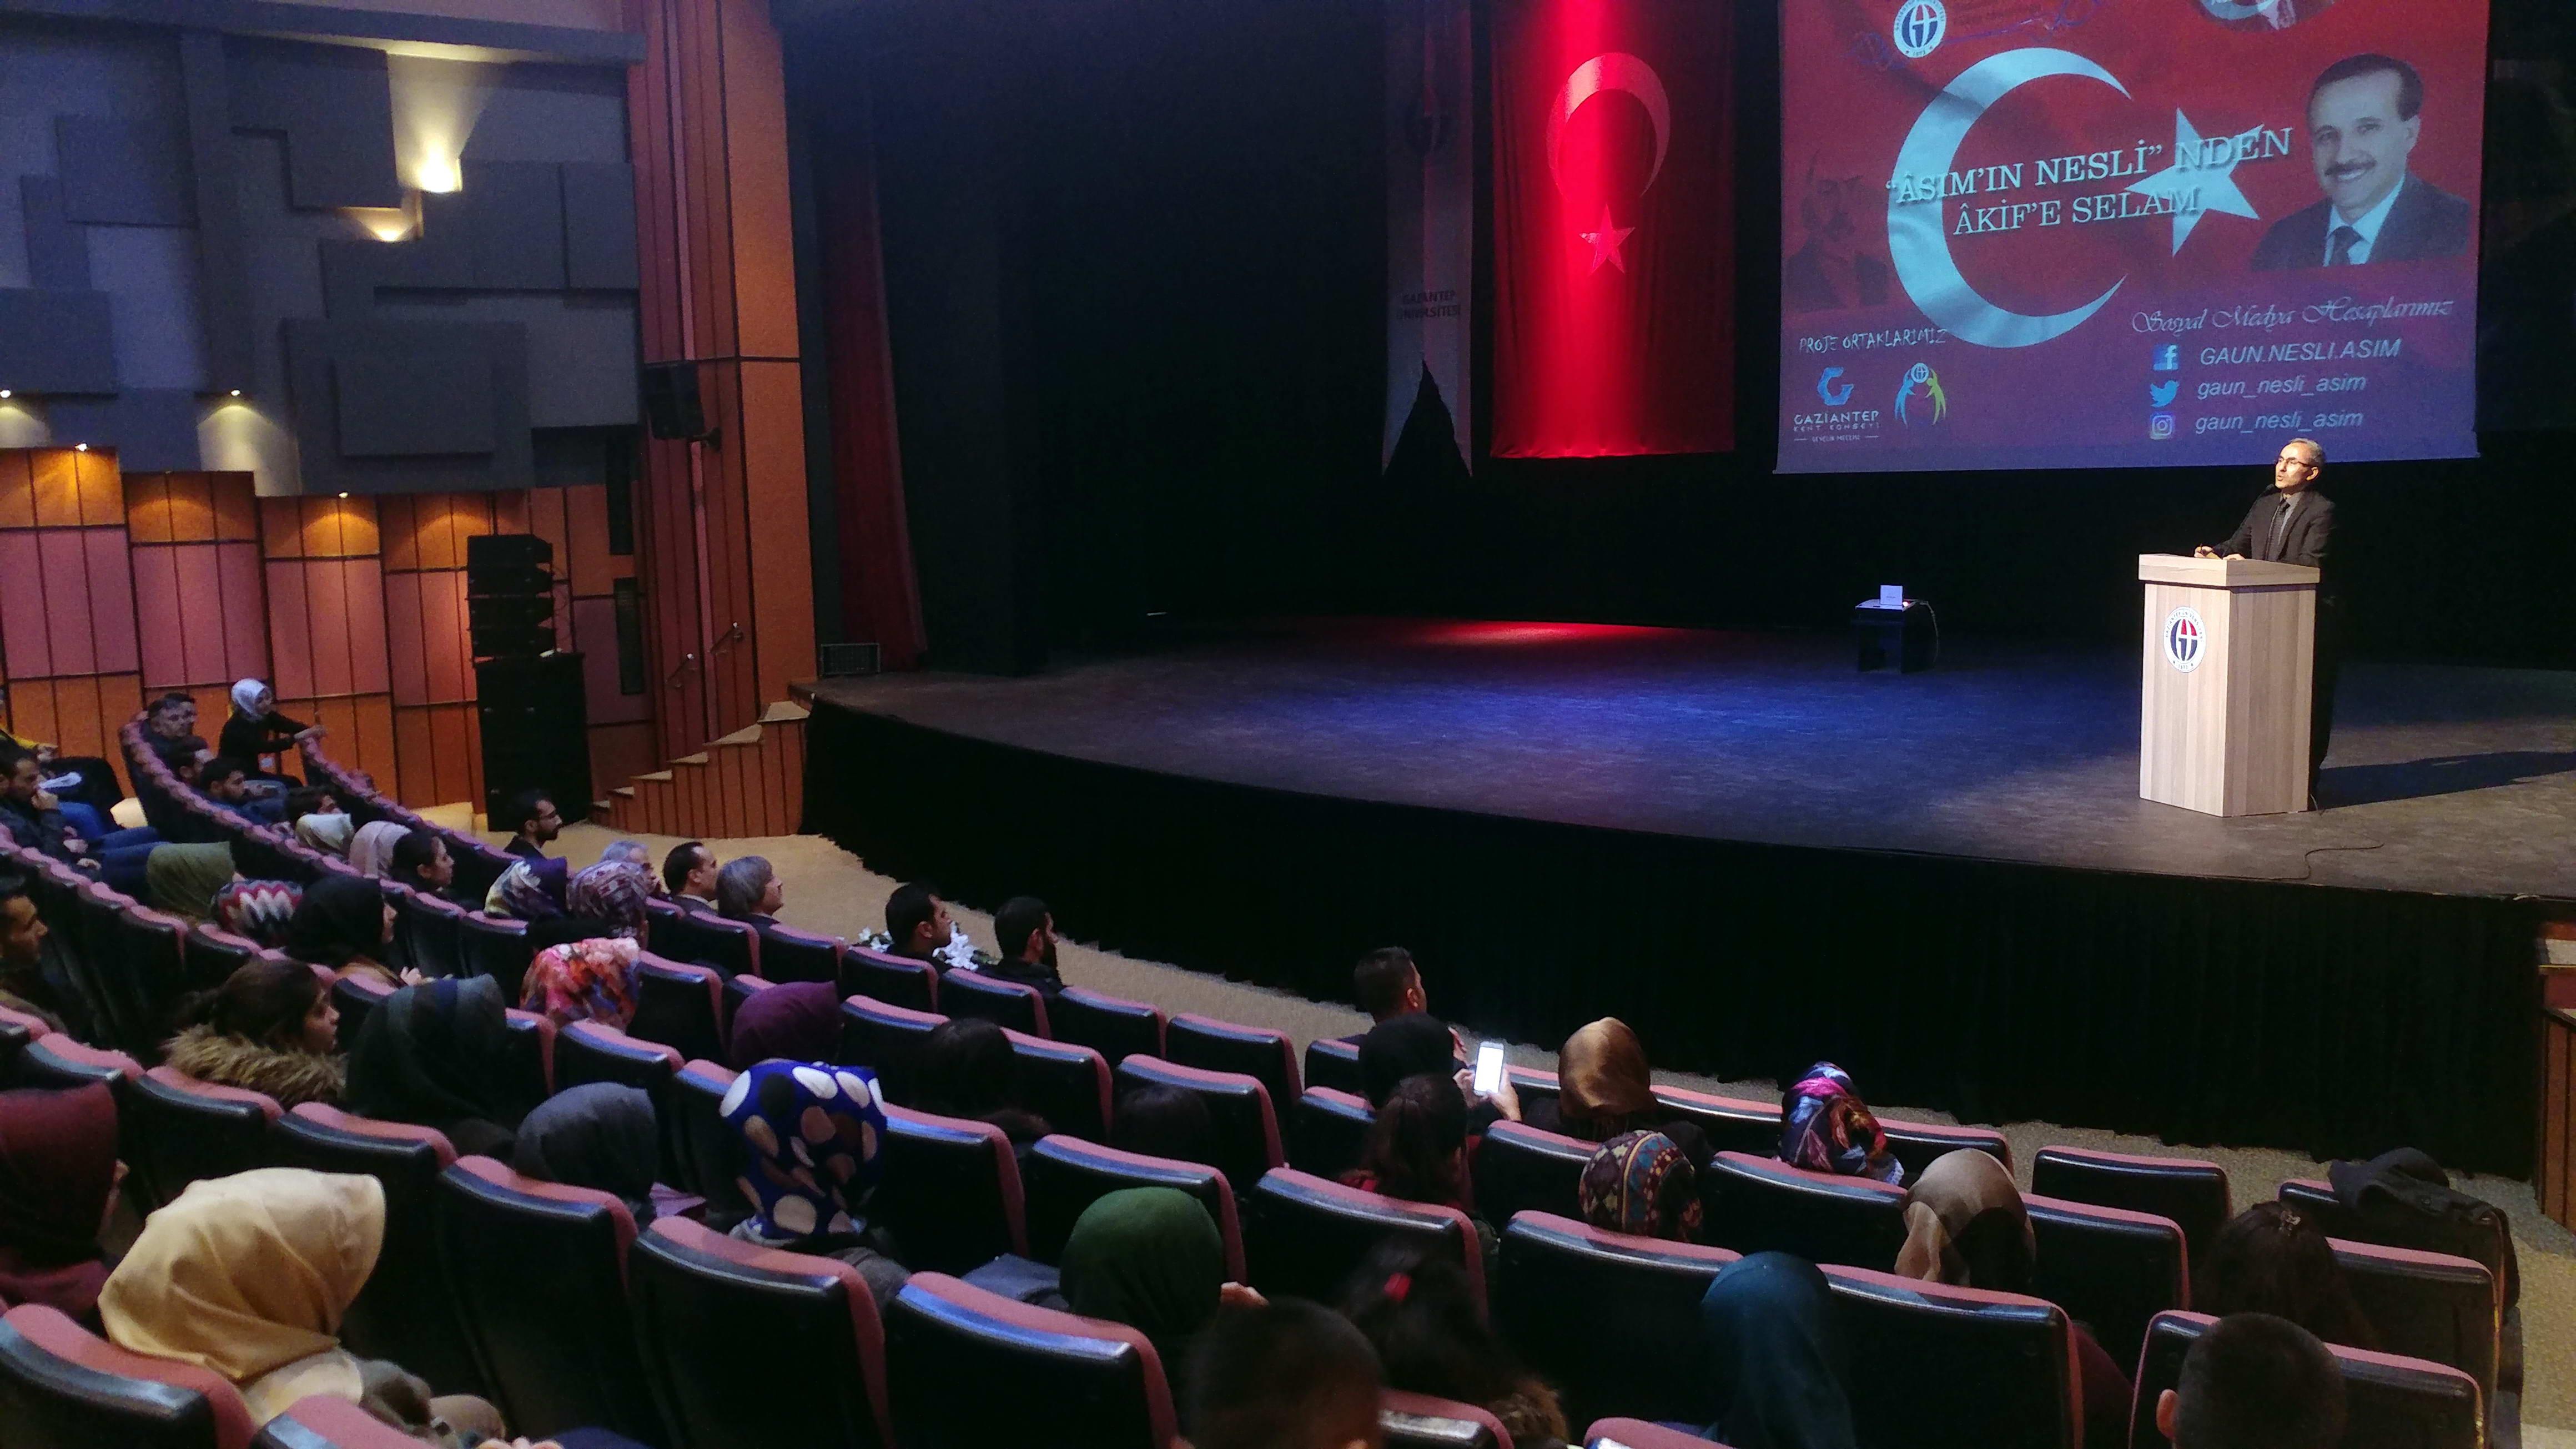 Asım'ın Nesli'nden Akif'e Selam konferansı-2